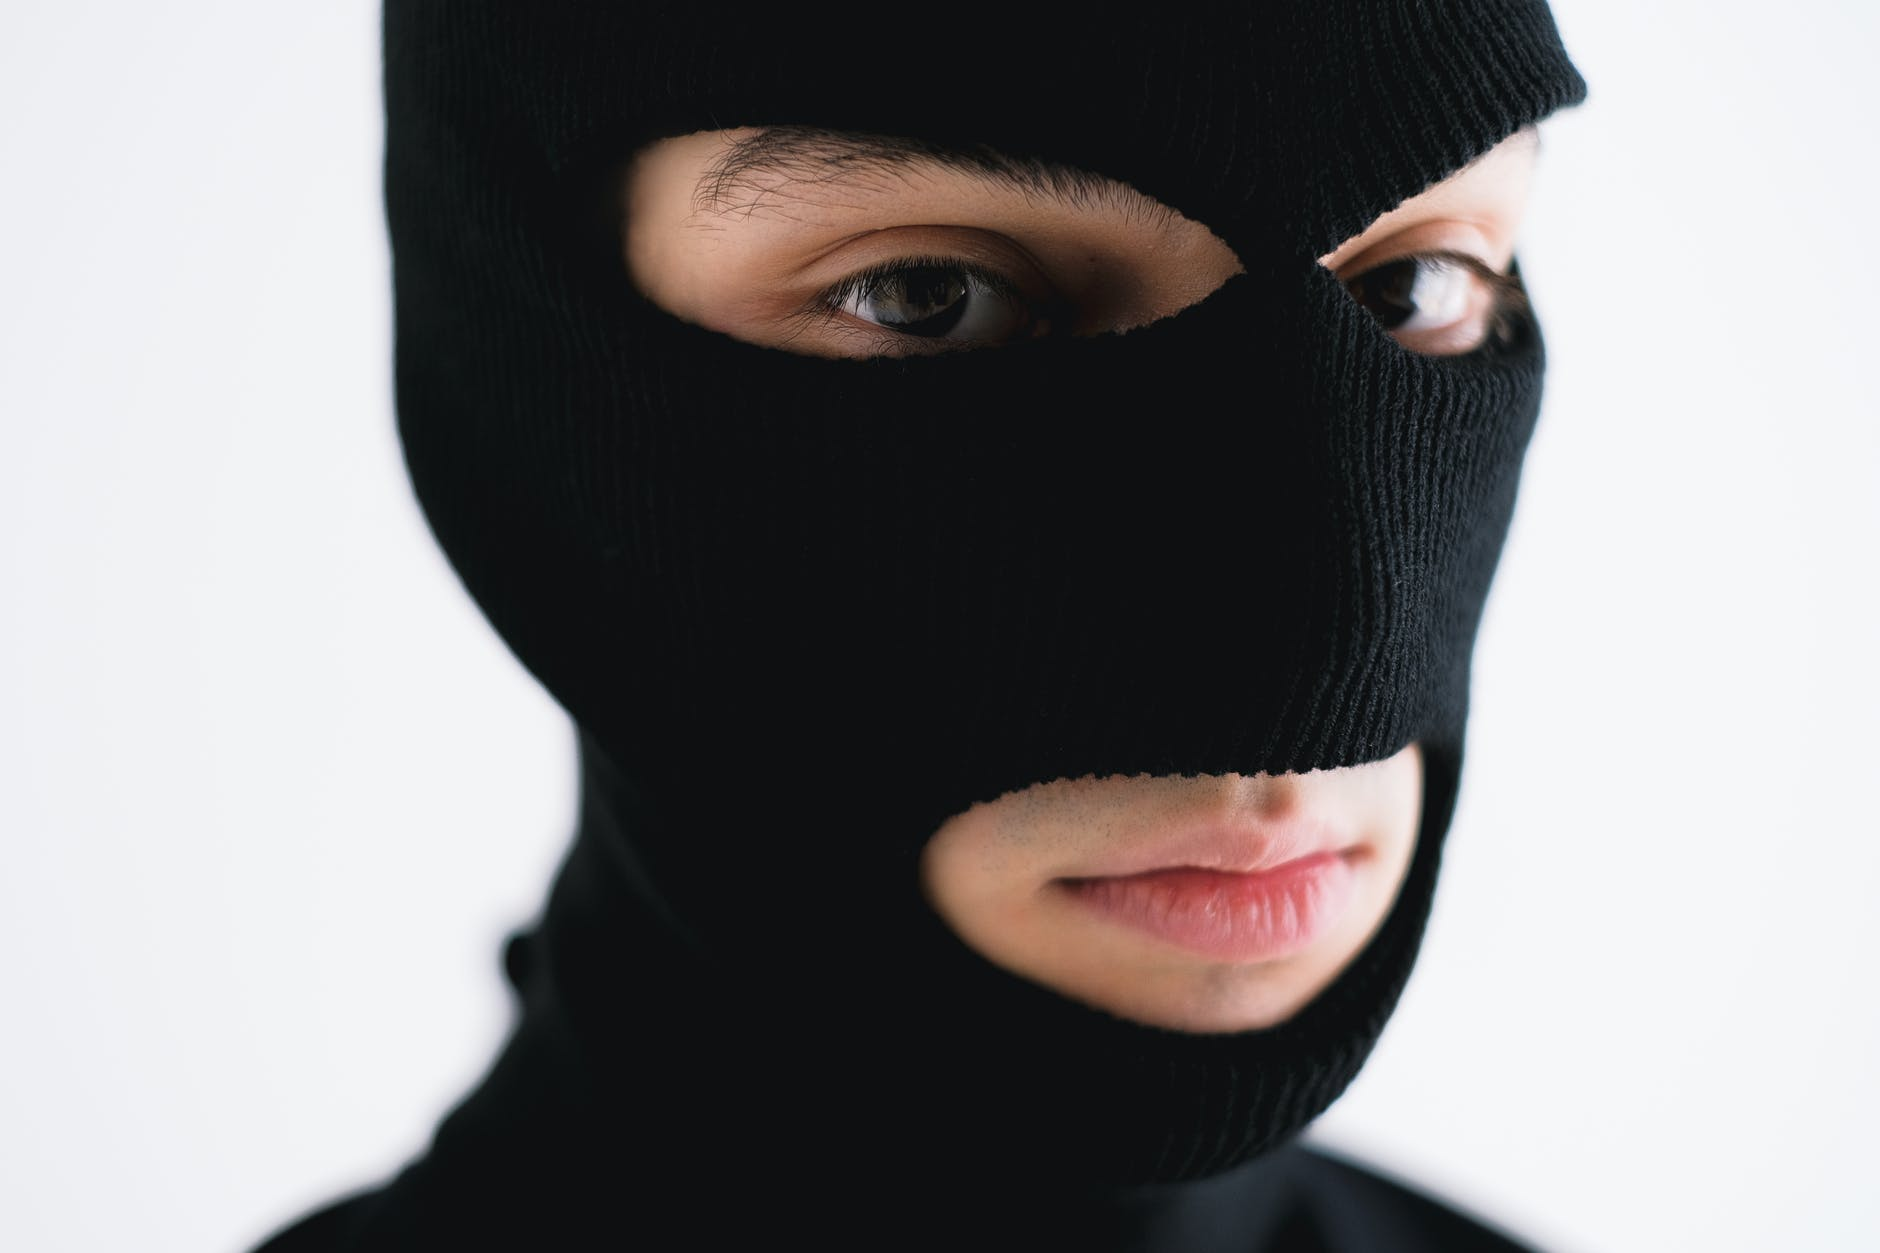 A person in a burglar mask